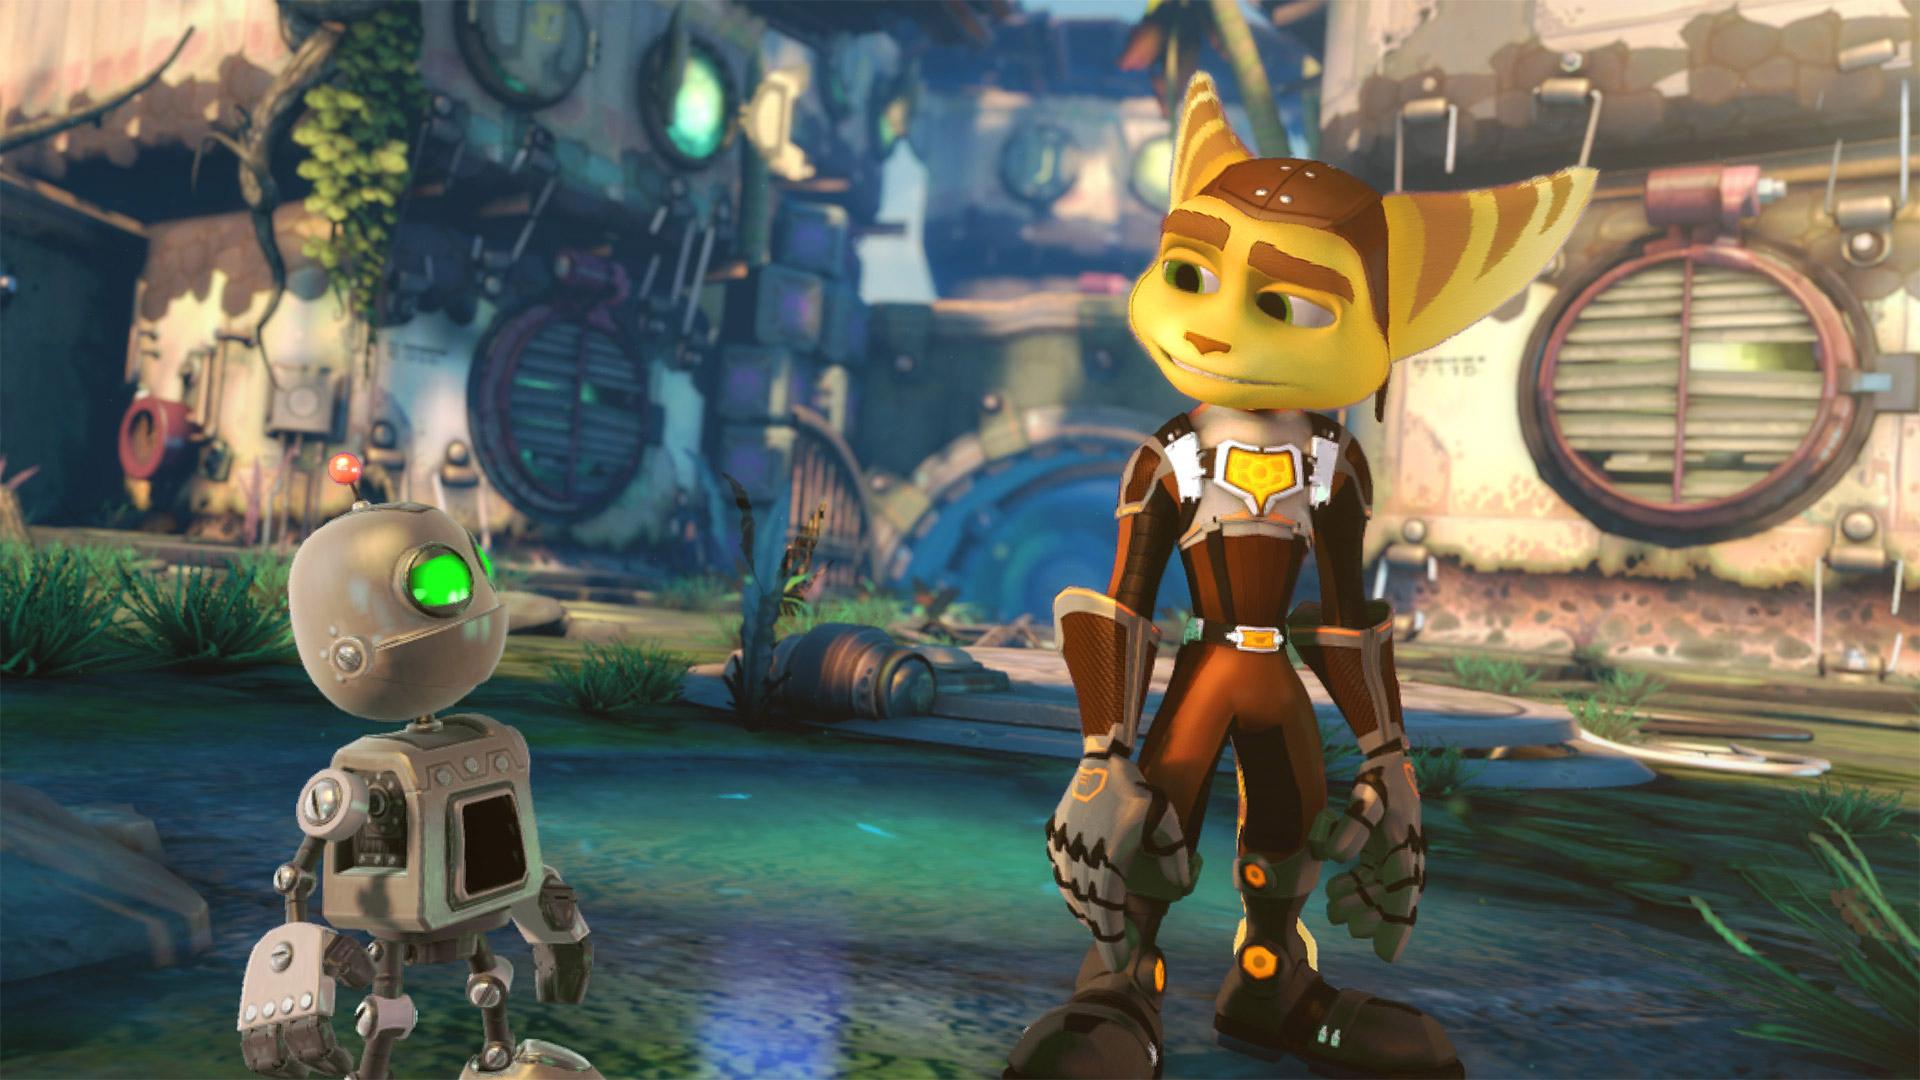 Ratchet et Clank vient de boucler son développement